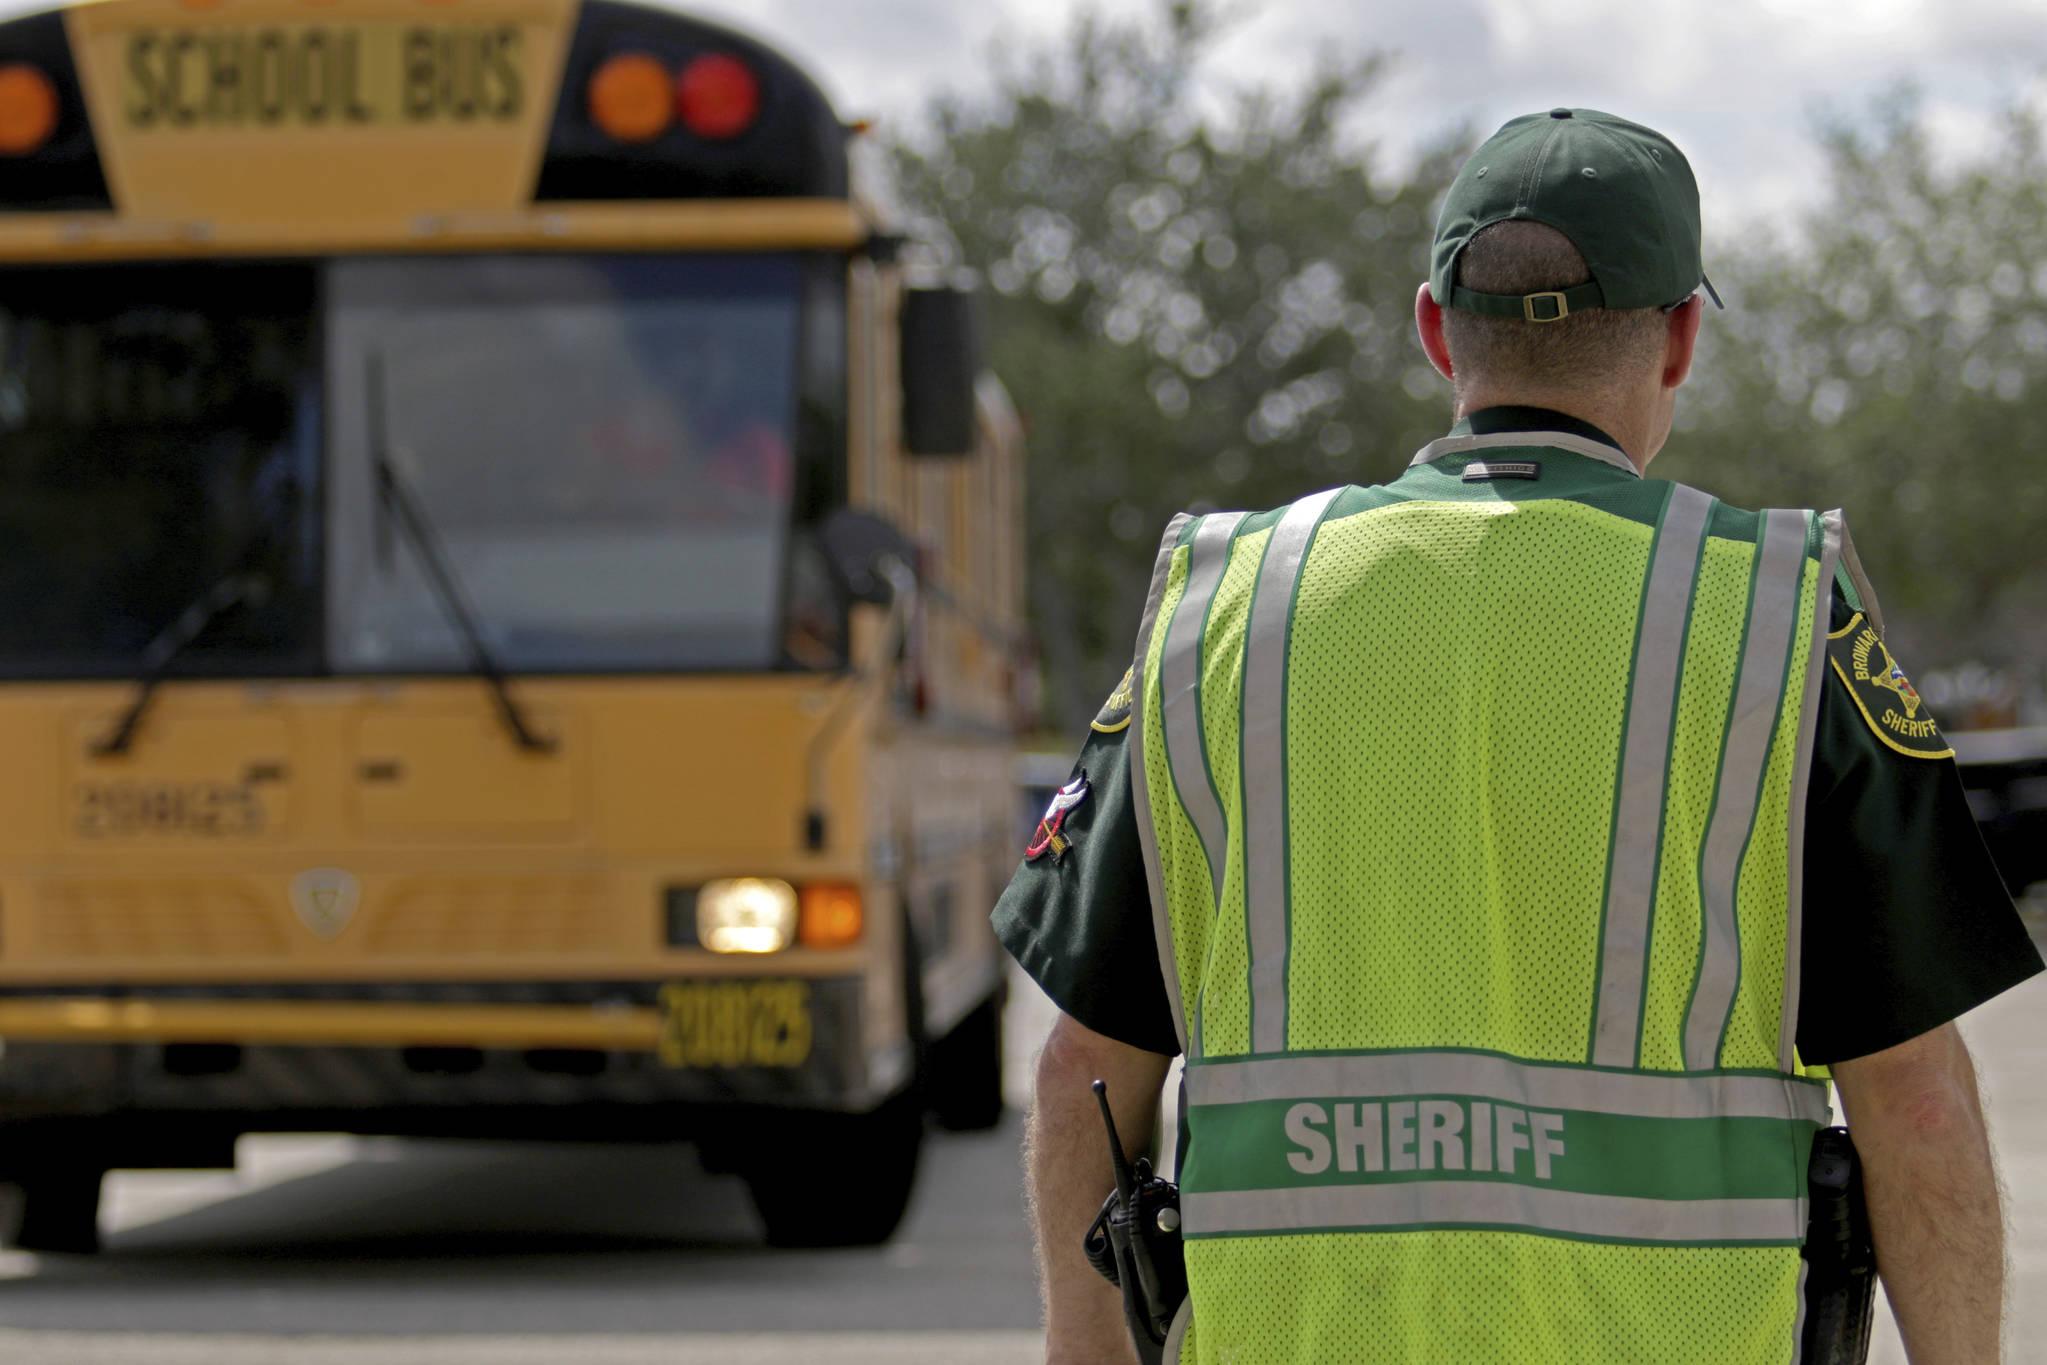 마조리 스톤맨 더글라스 고등학교 스쿨 버스가 지나가는 길목에 보안관이 배치되어 있다. [AP=연합뉴스]